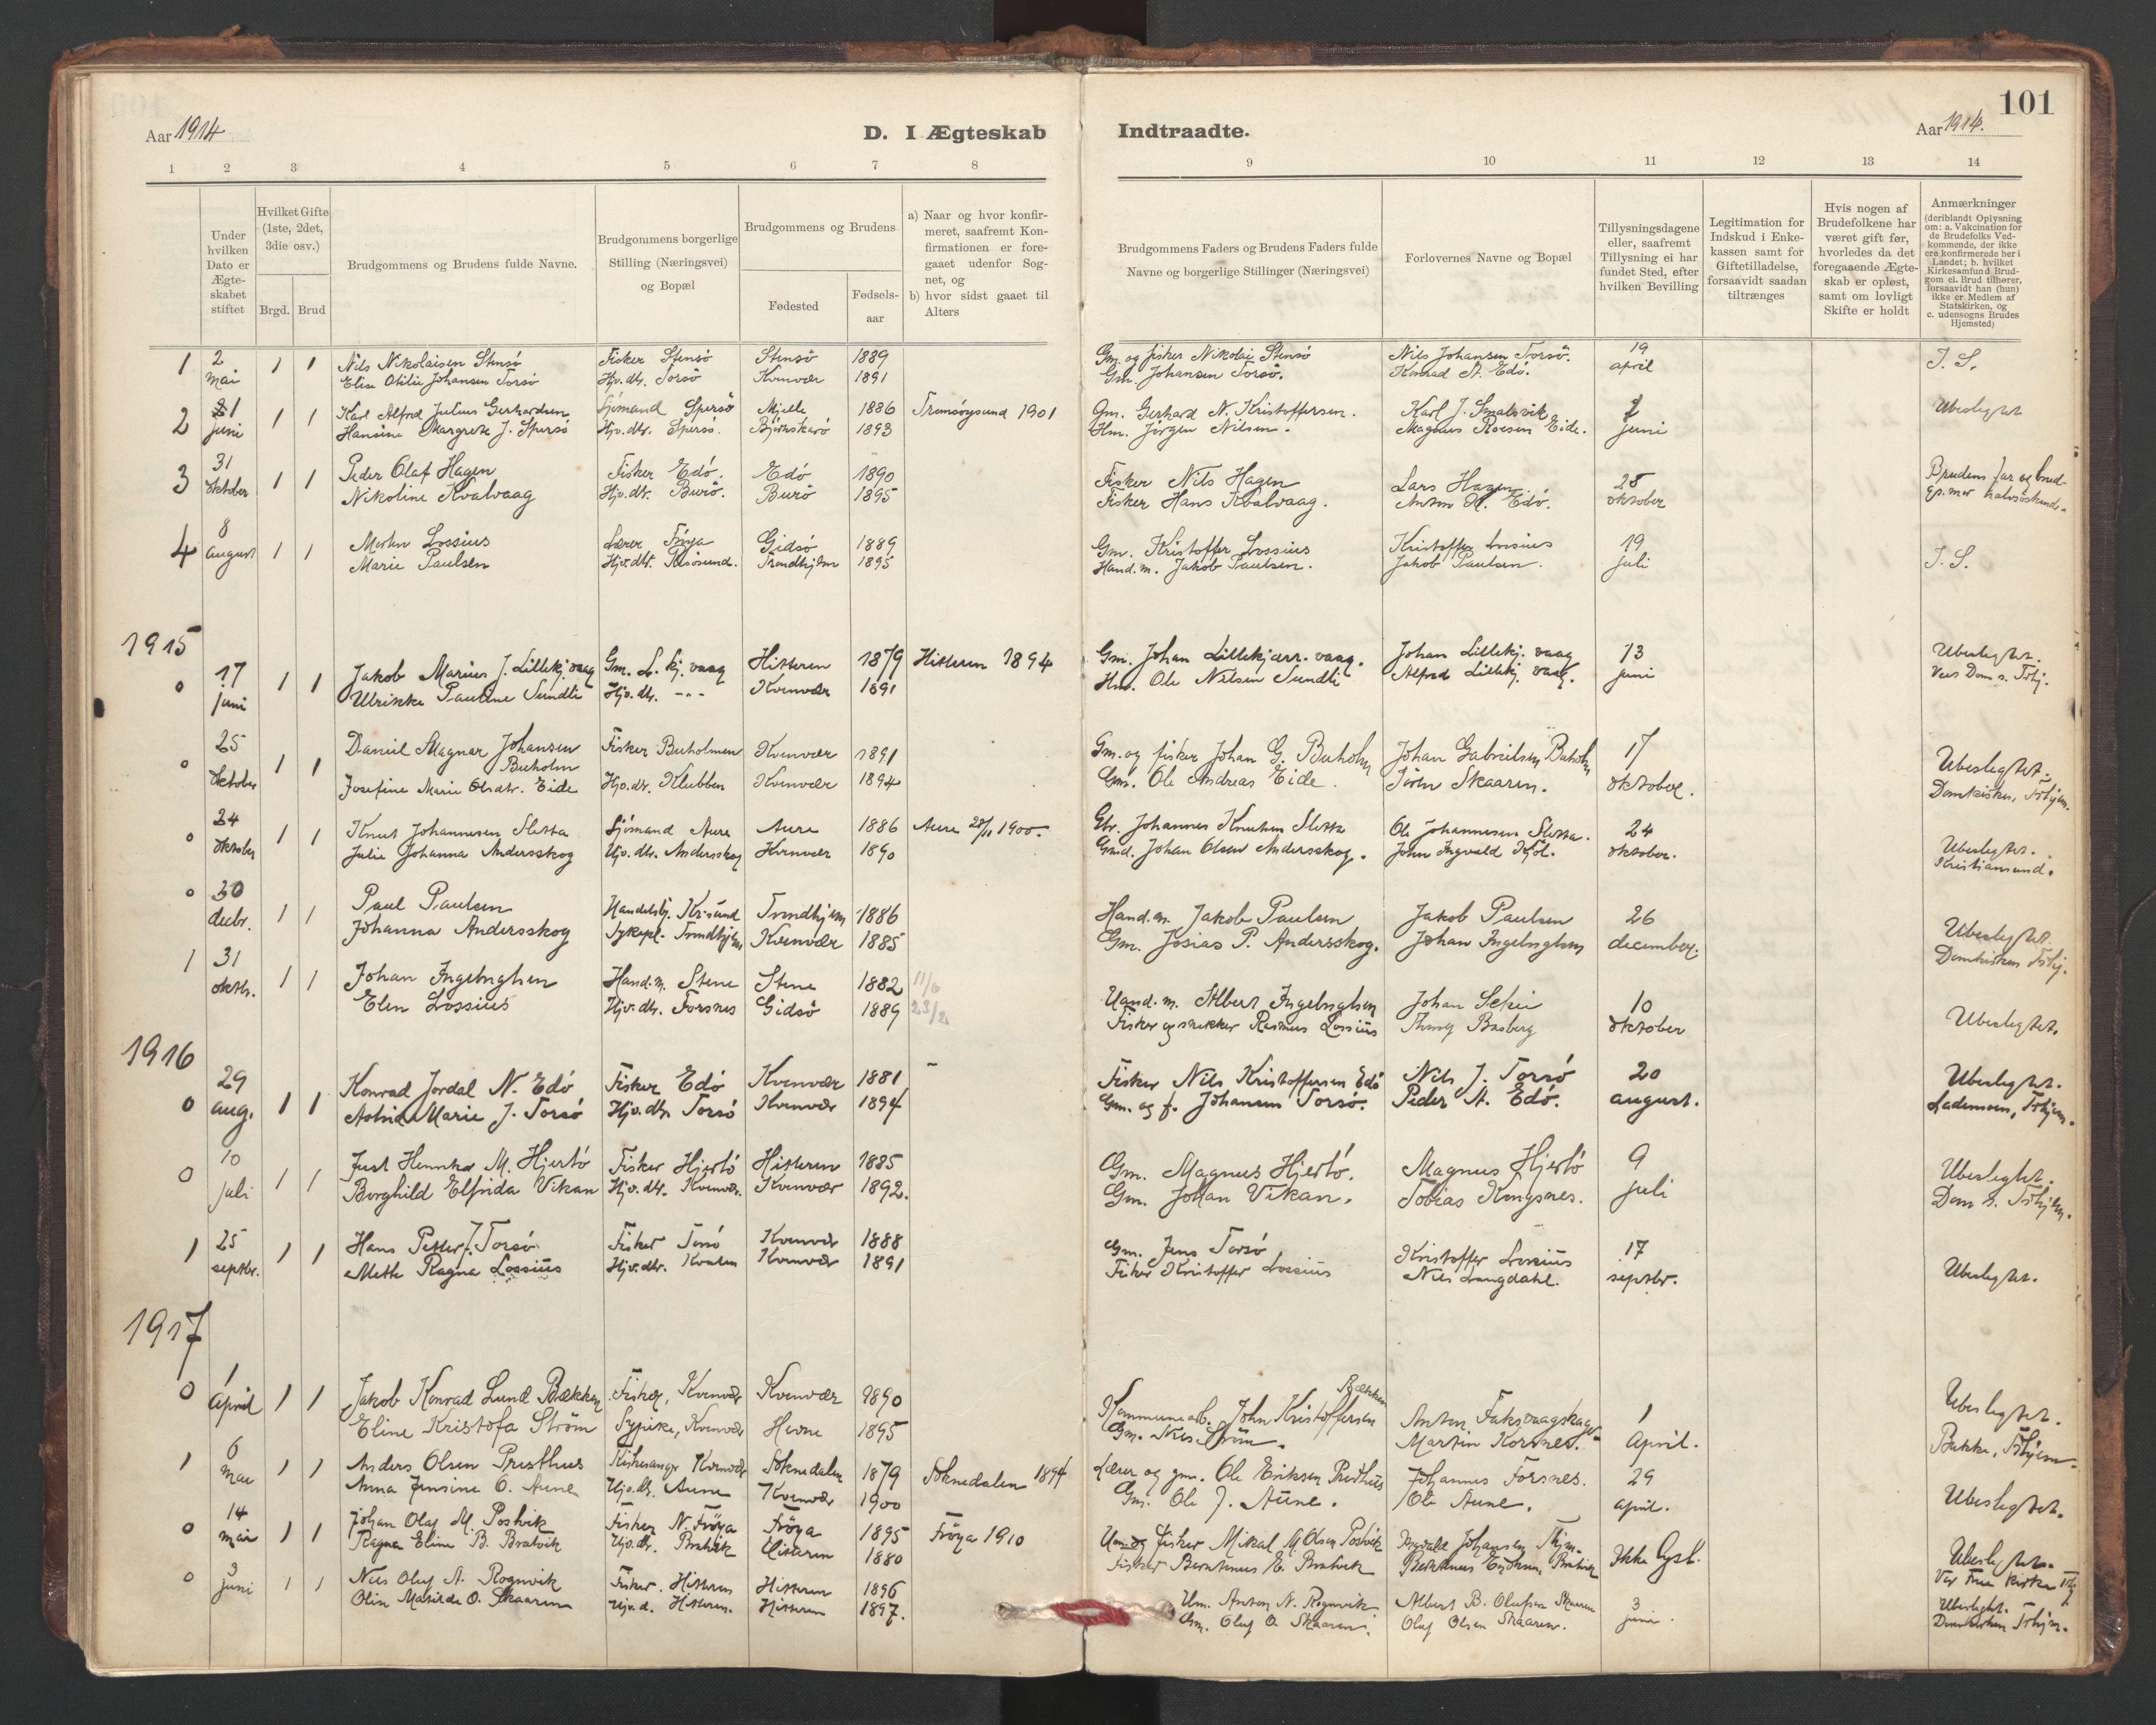 SAT, Ministerialprotokoller, klokkerbøker og fødselsregistre - Sør-Trøndelag, 635/L0552: Ministerialbok nr. 635A02, 1899-1919, s. 101